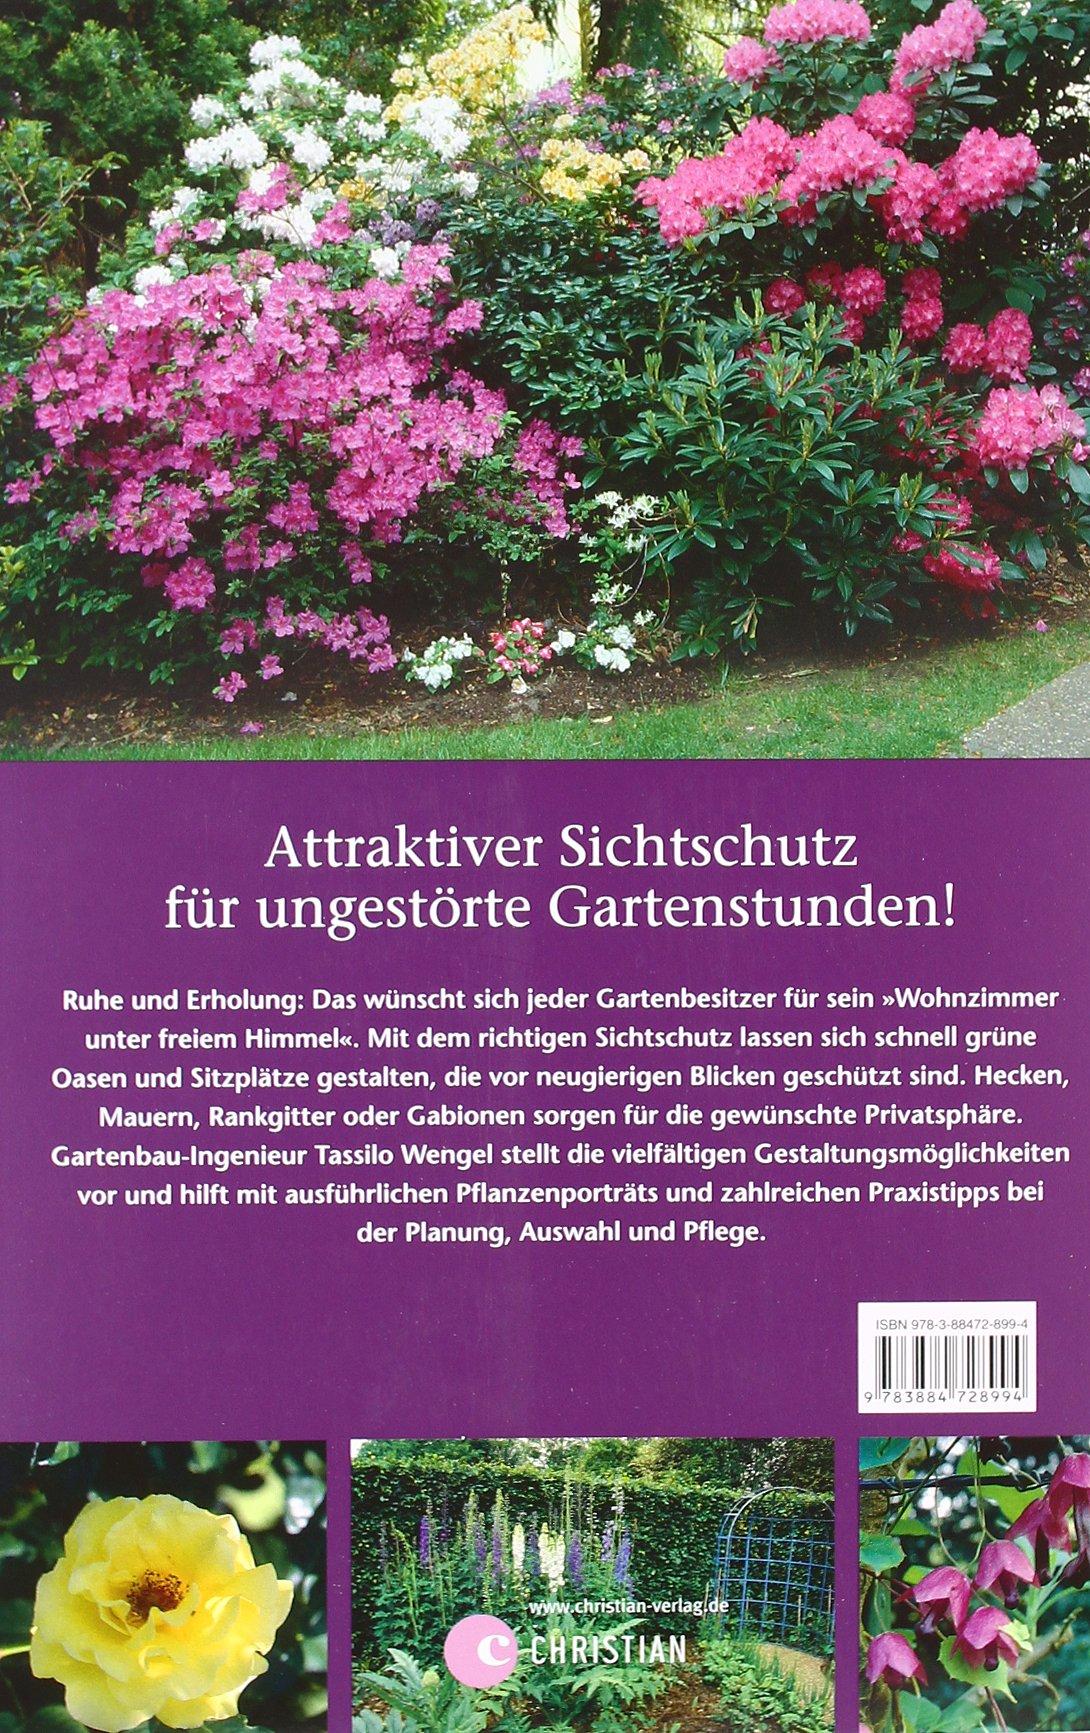 Mauer Zaun und Rosenhecke Schöner Sichtschutz für Garten und